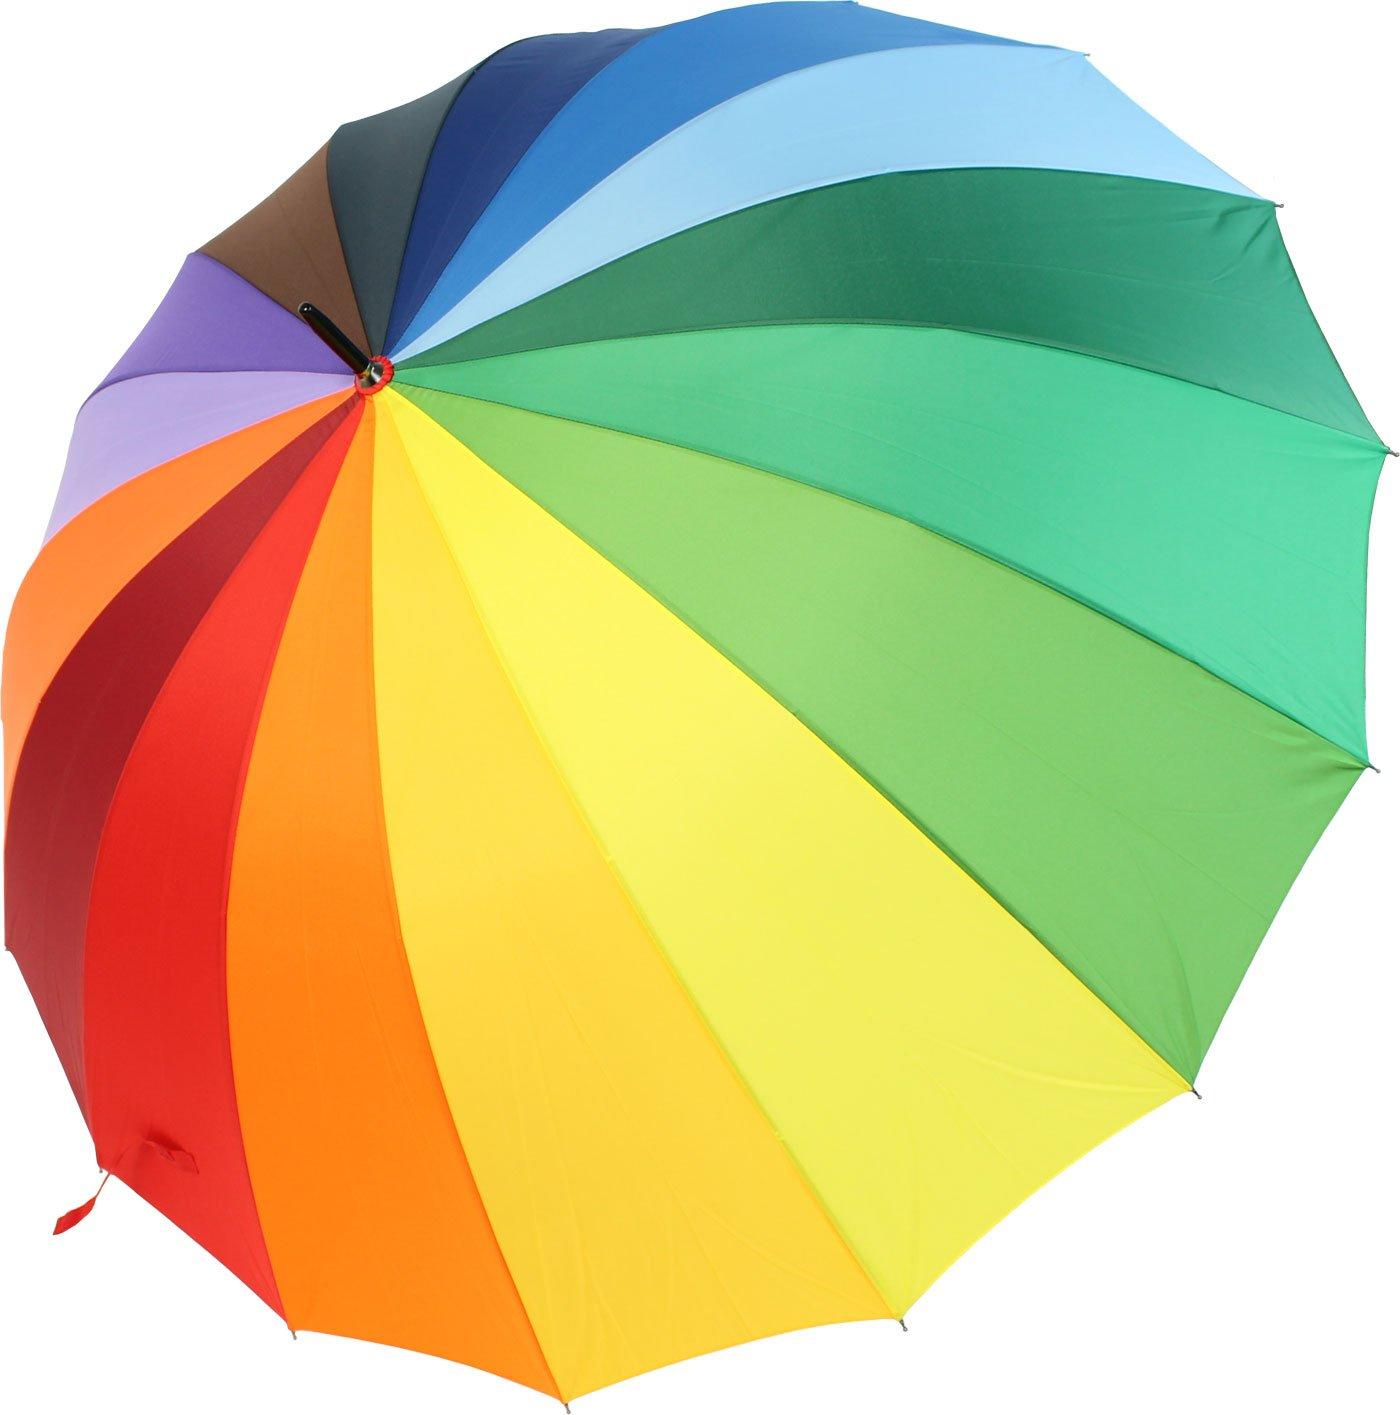 iX-brella Parapluie XXL Léger et large avec poignée douce Arc-en-ciel 129cm